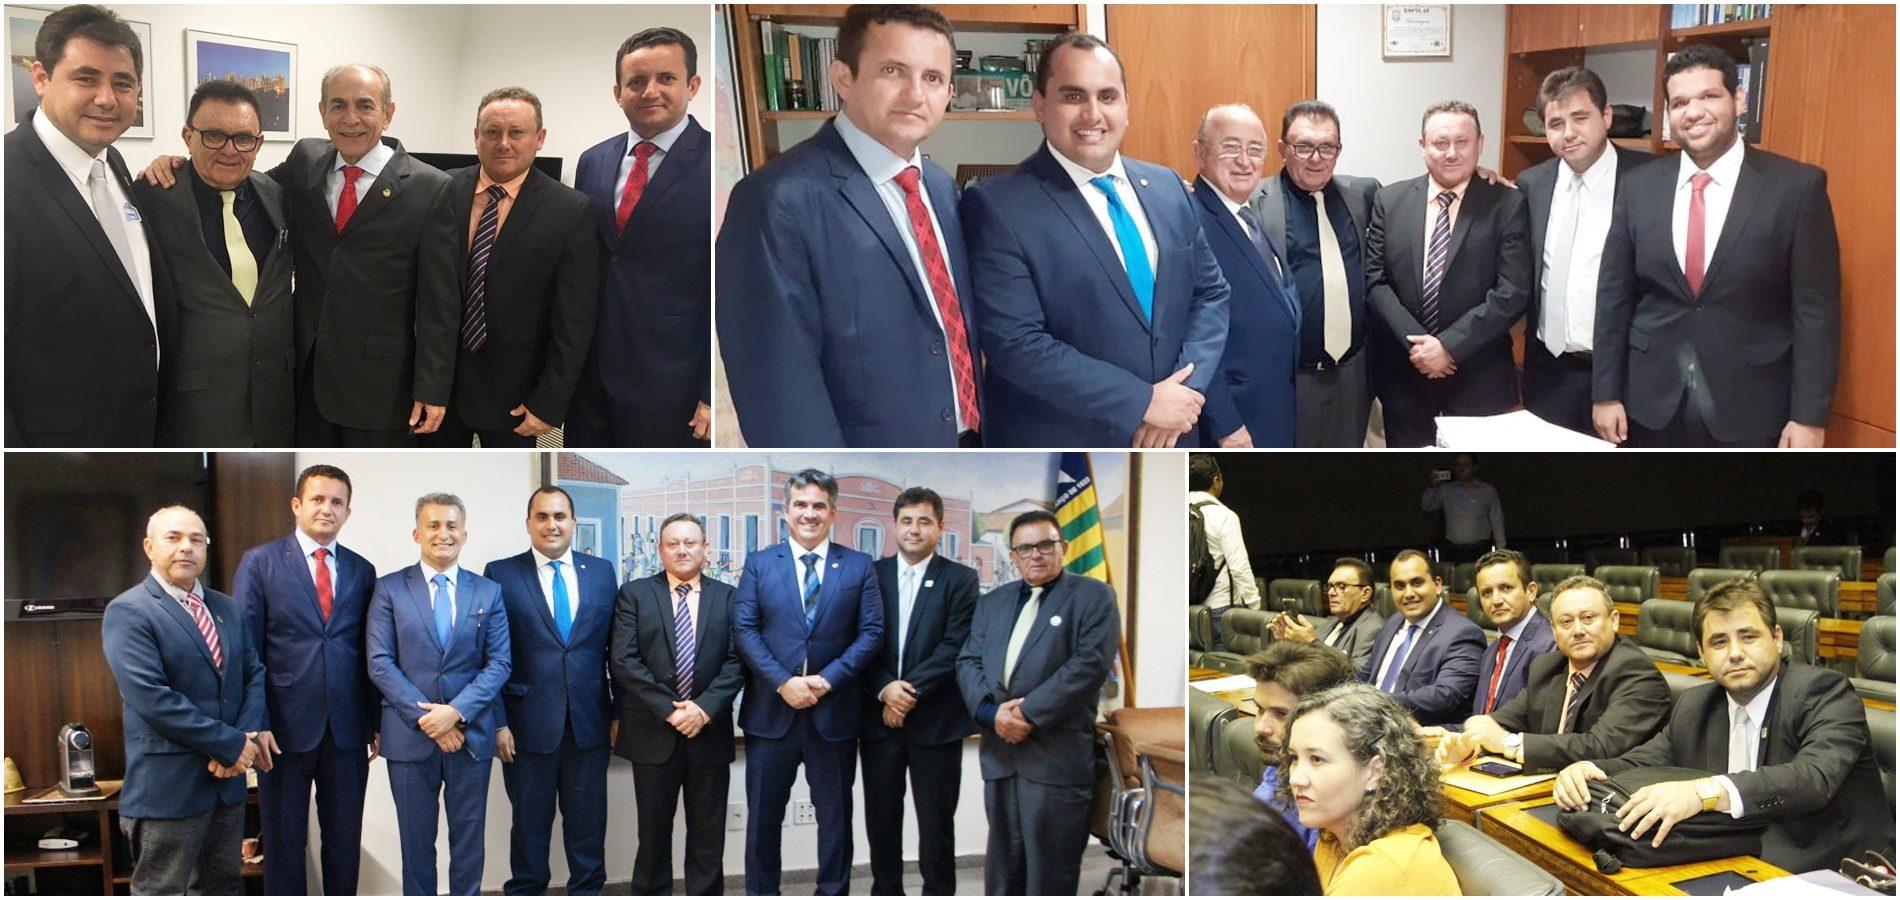 Em Brasília, prefeito Valdinar garante cerca de 3 milhões em investimentos para Padre Marcos